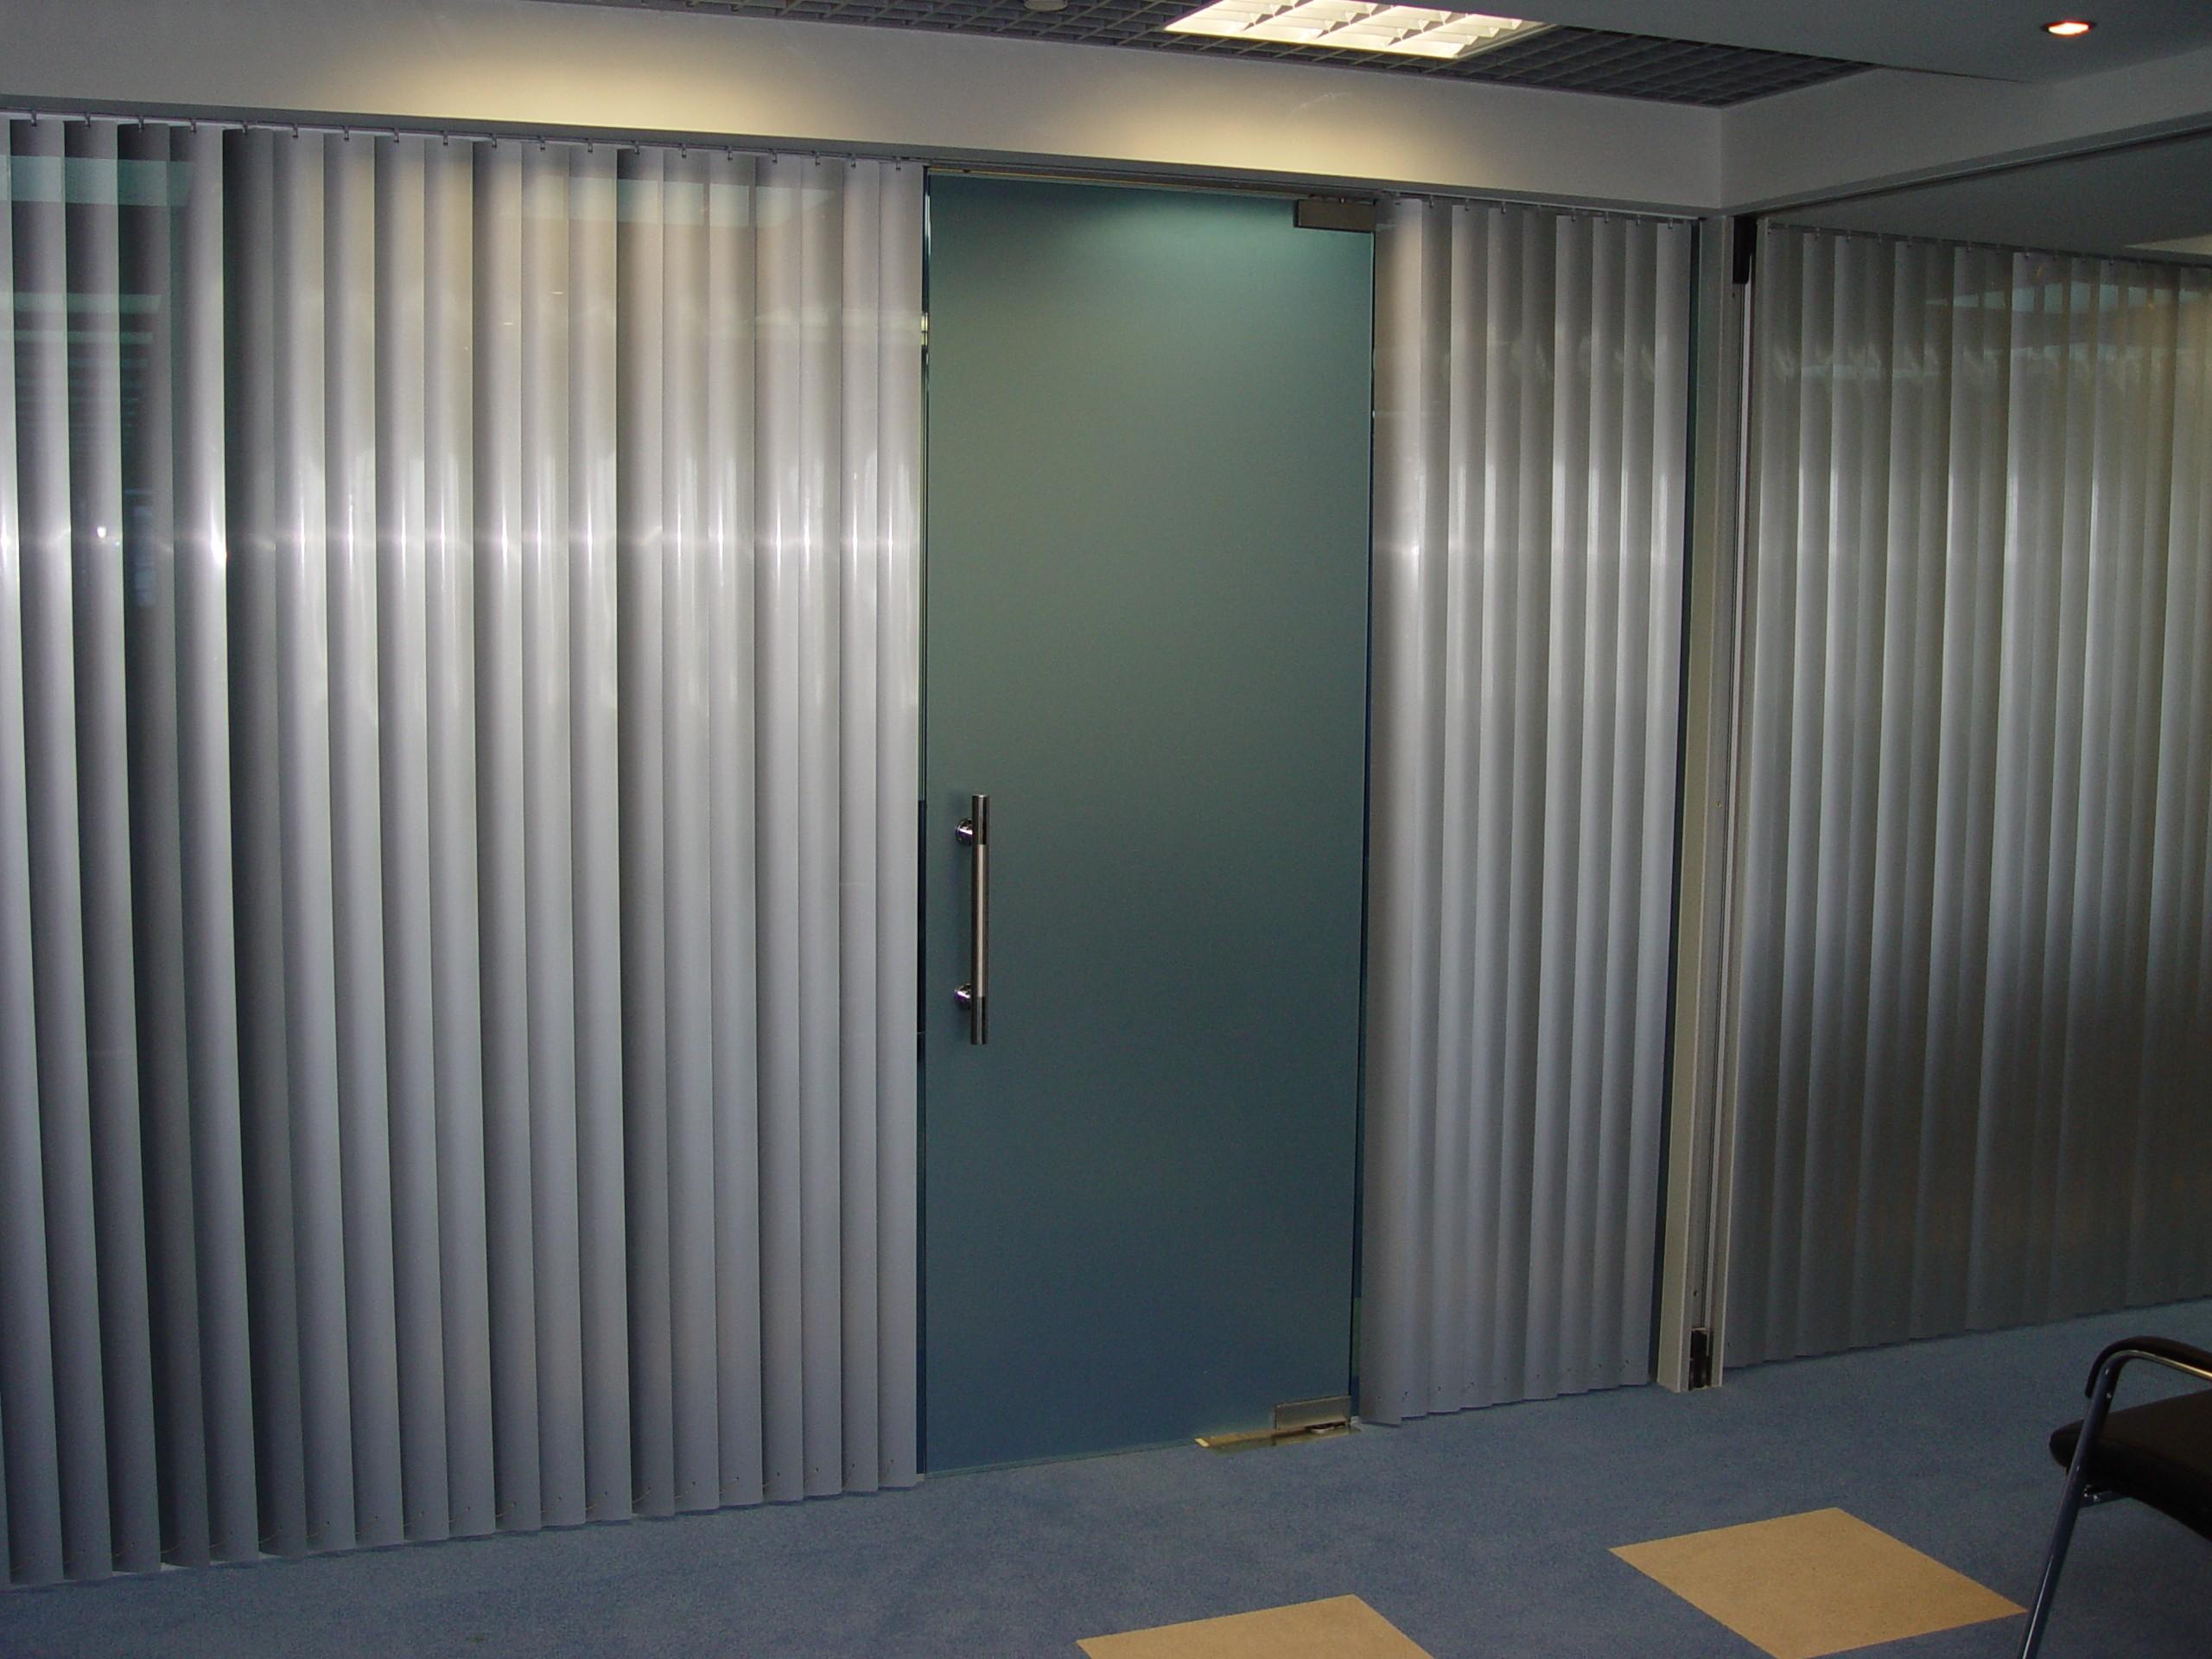 Стеклянные двери СПб - изготовление на заказ по индивидуальным размерам